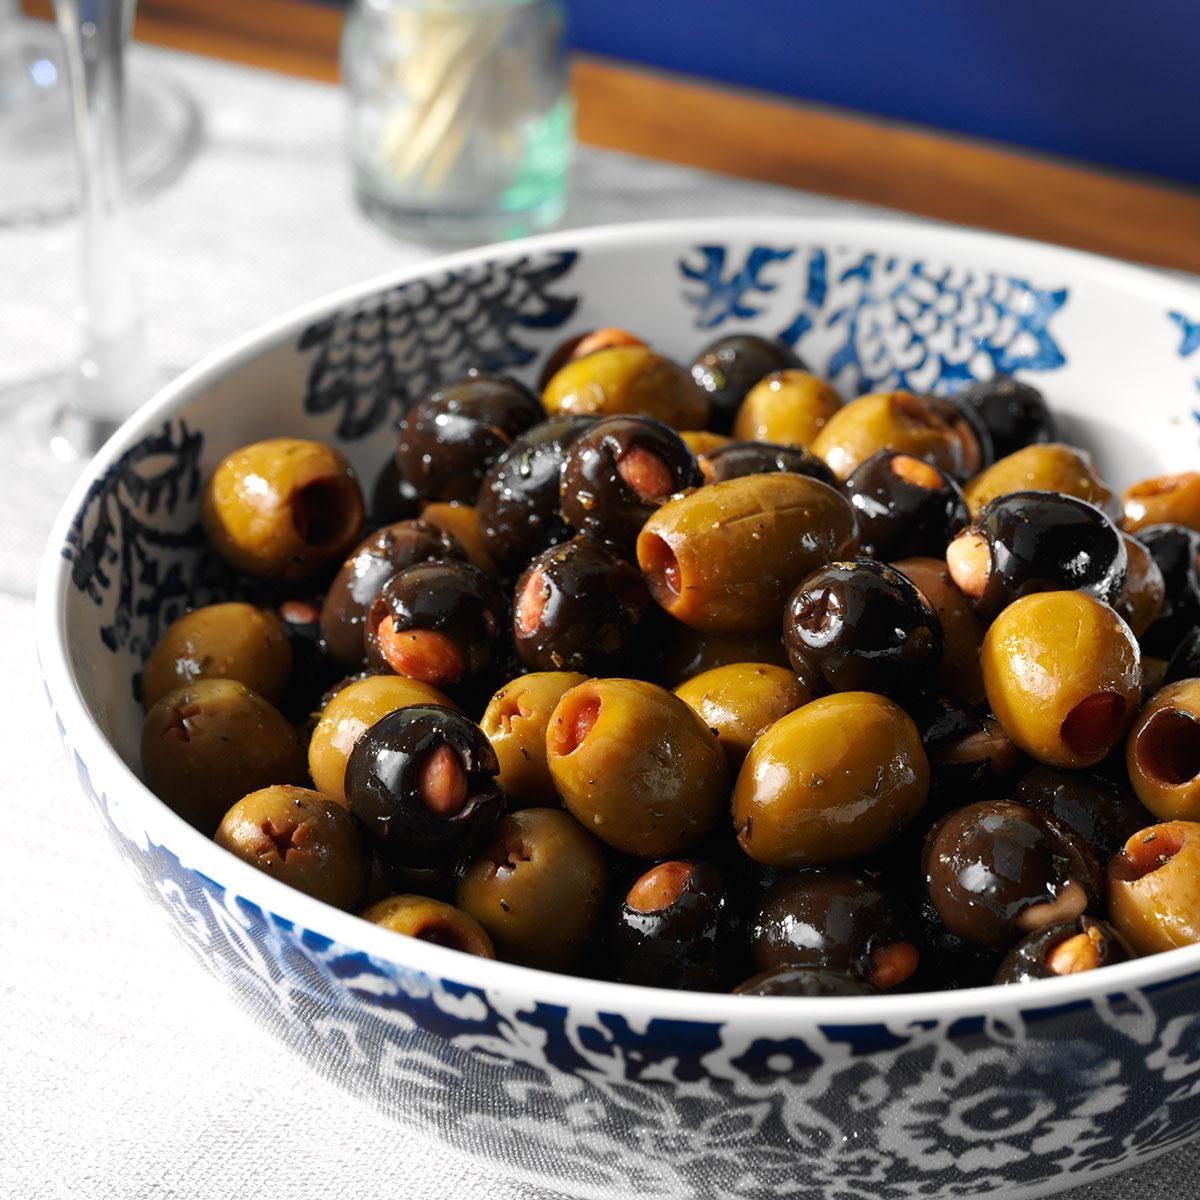 Marinated Almond-Stuffed Olives